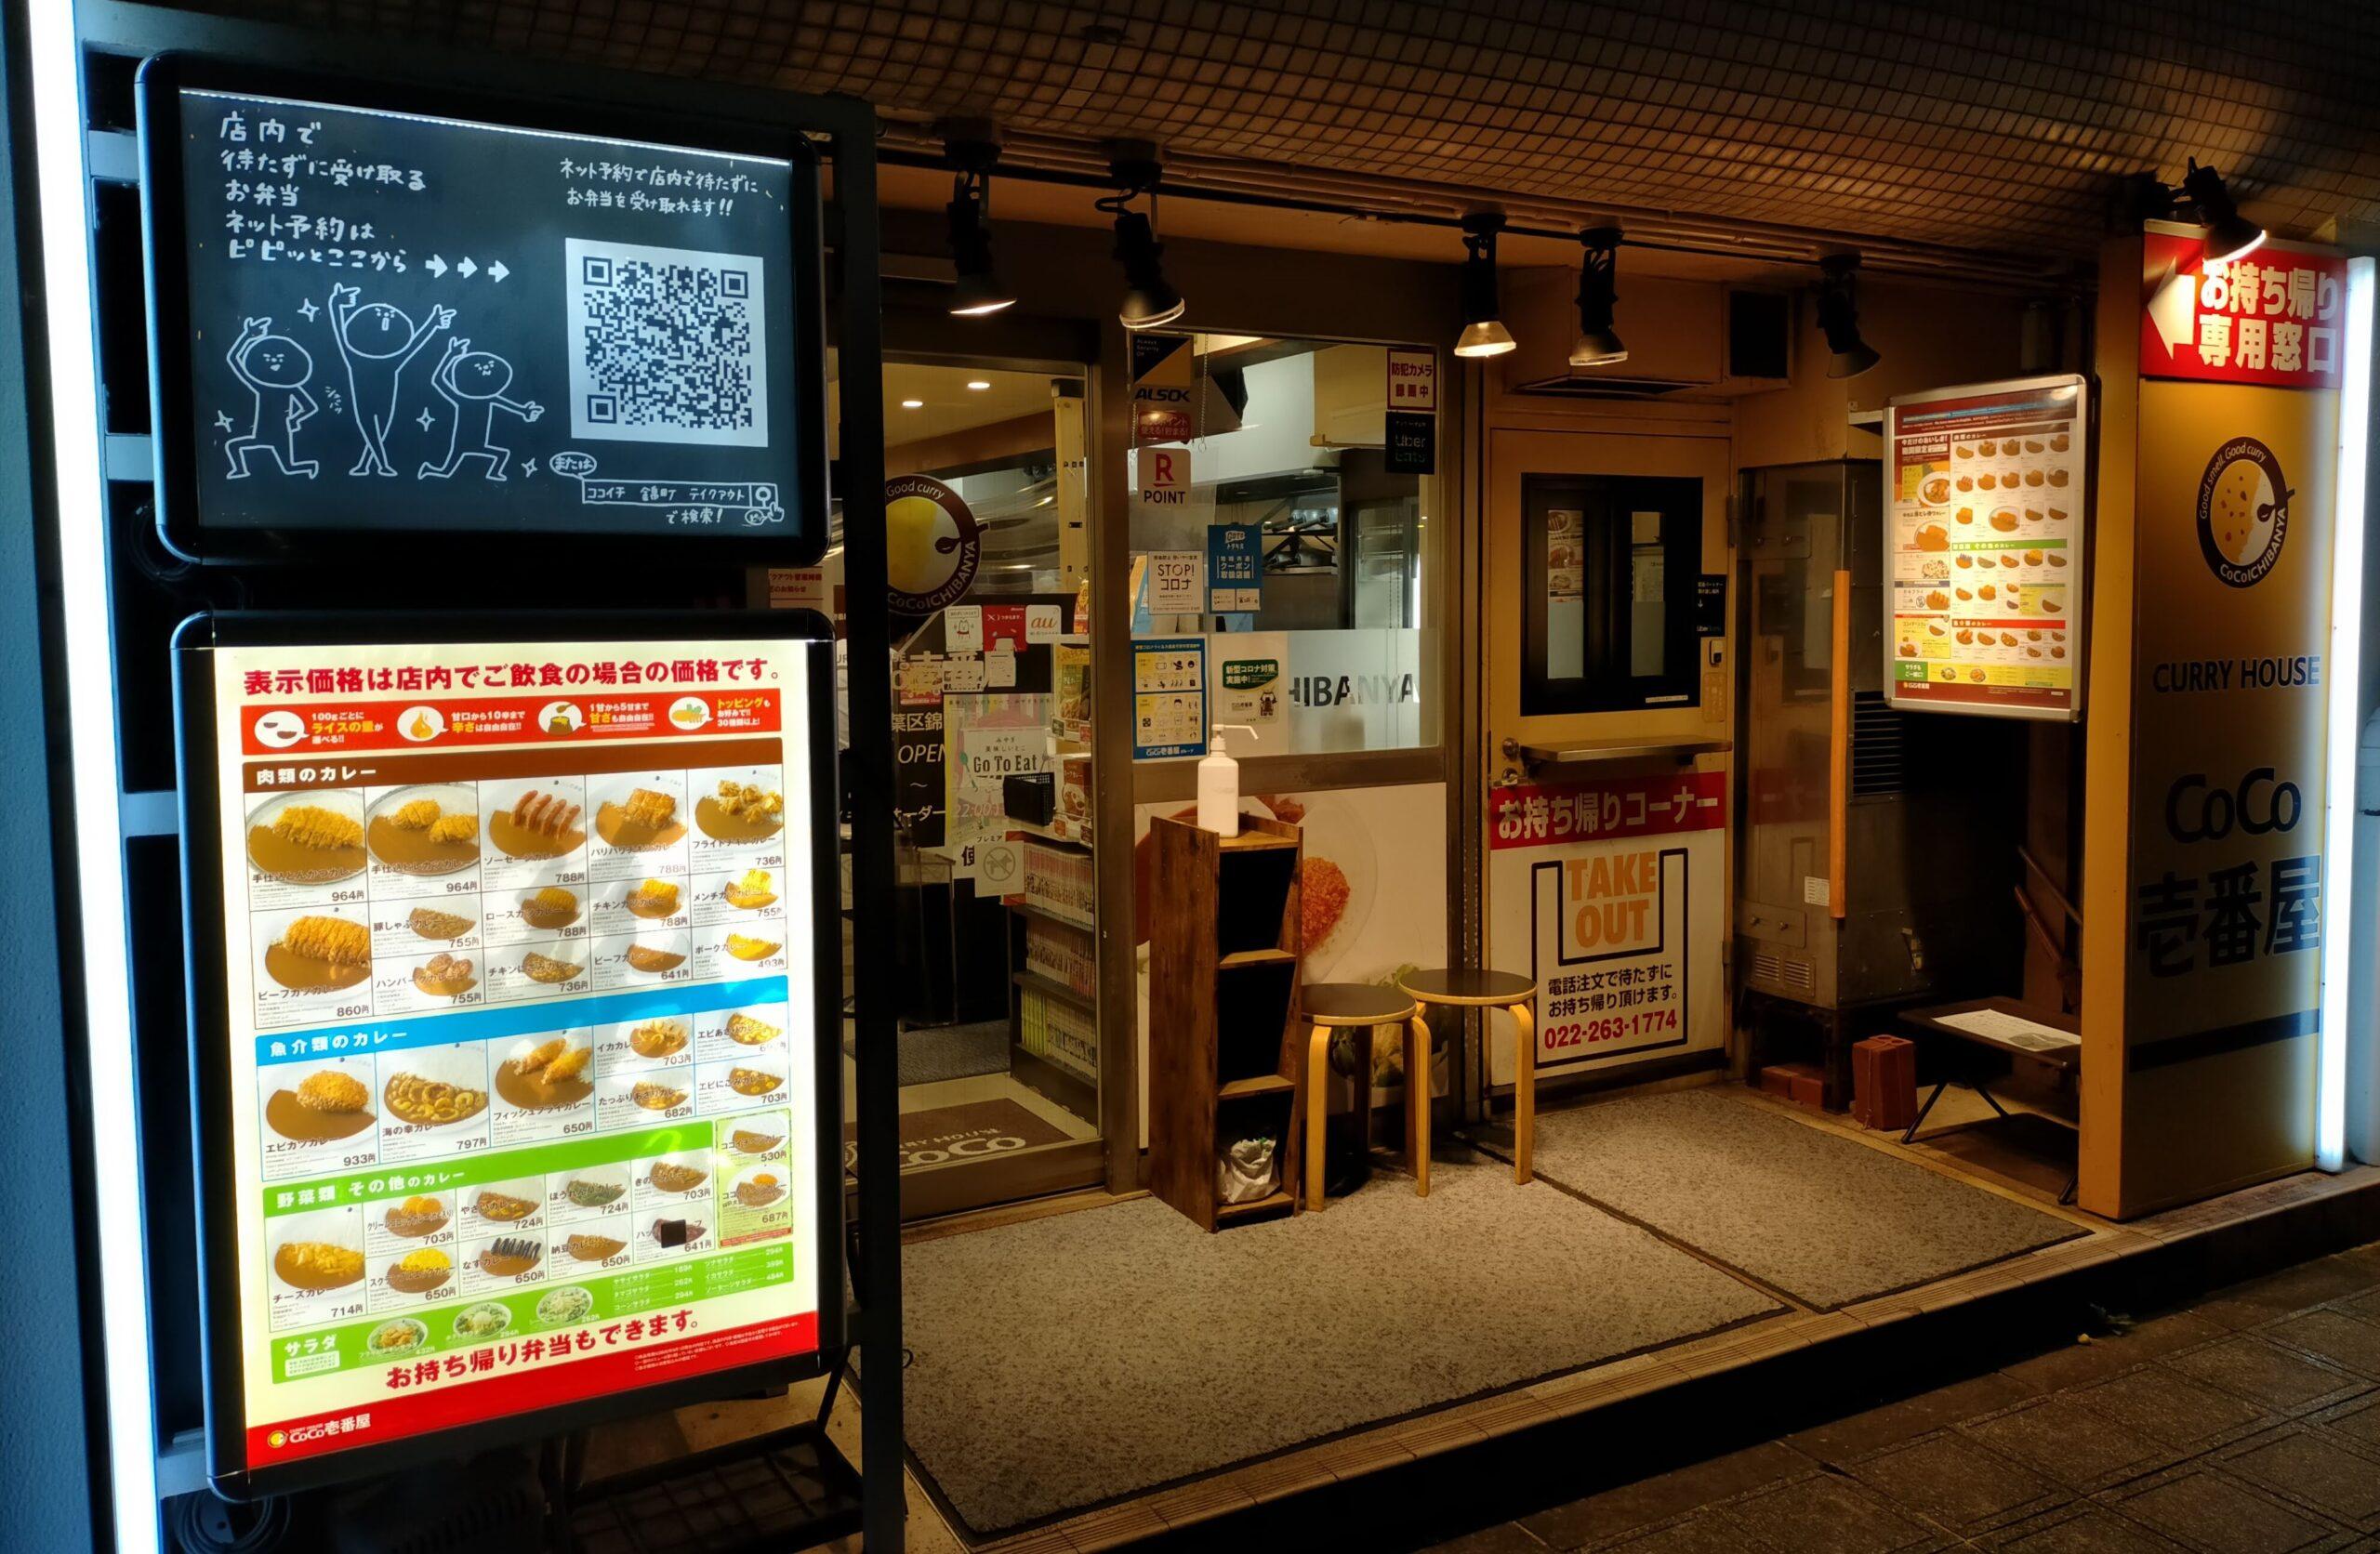 カレーハウスCoCo壱番屋 青葉区錦町店